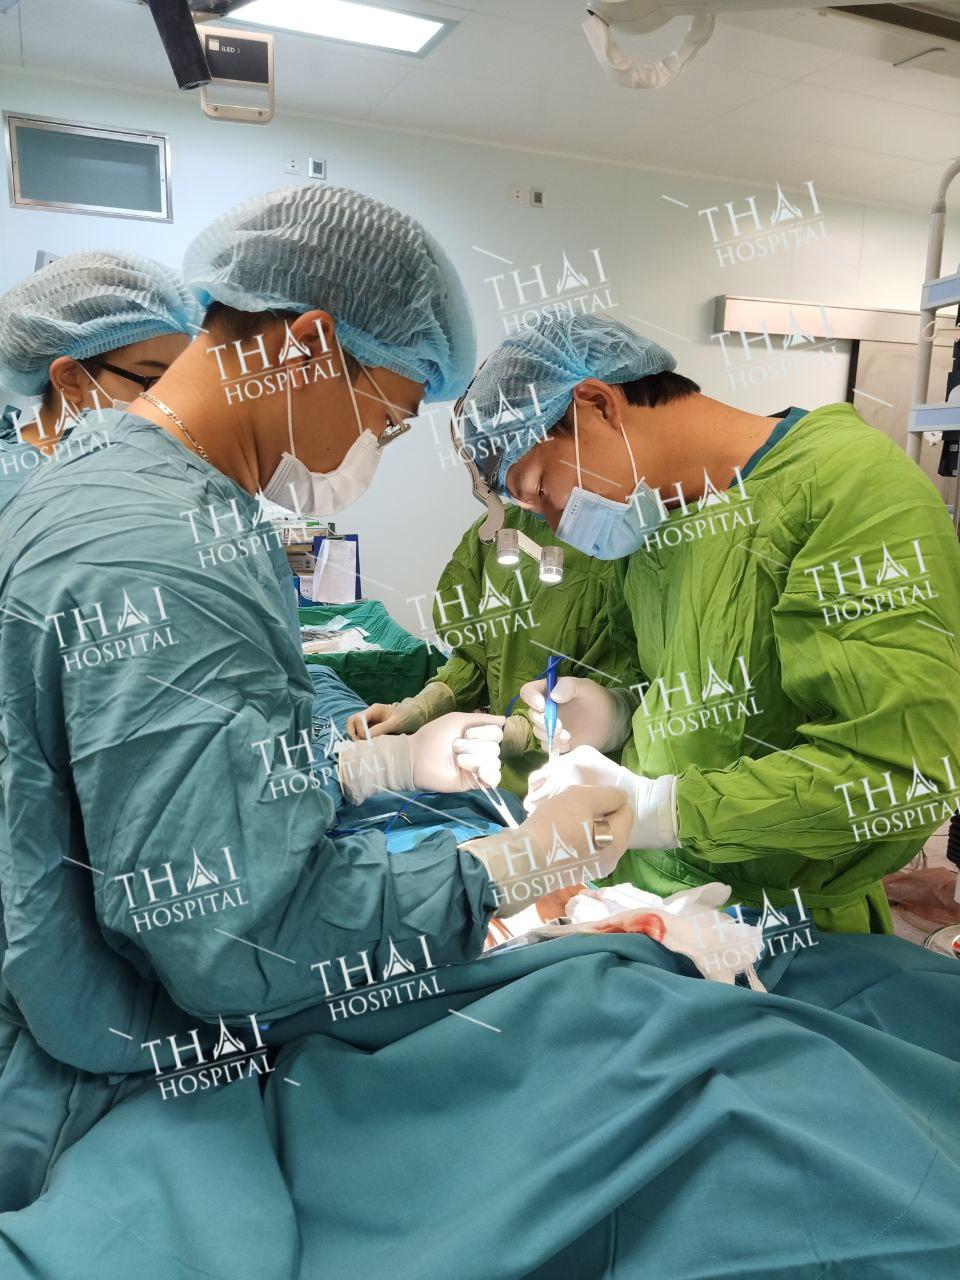 Quy trình treo sa trễ tại THAI Hospital luôn tuân thủ các tiêu chuẩn vô trùng, an toàn tuyệt đối